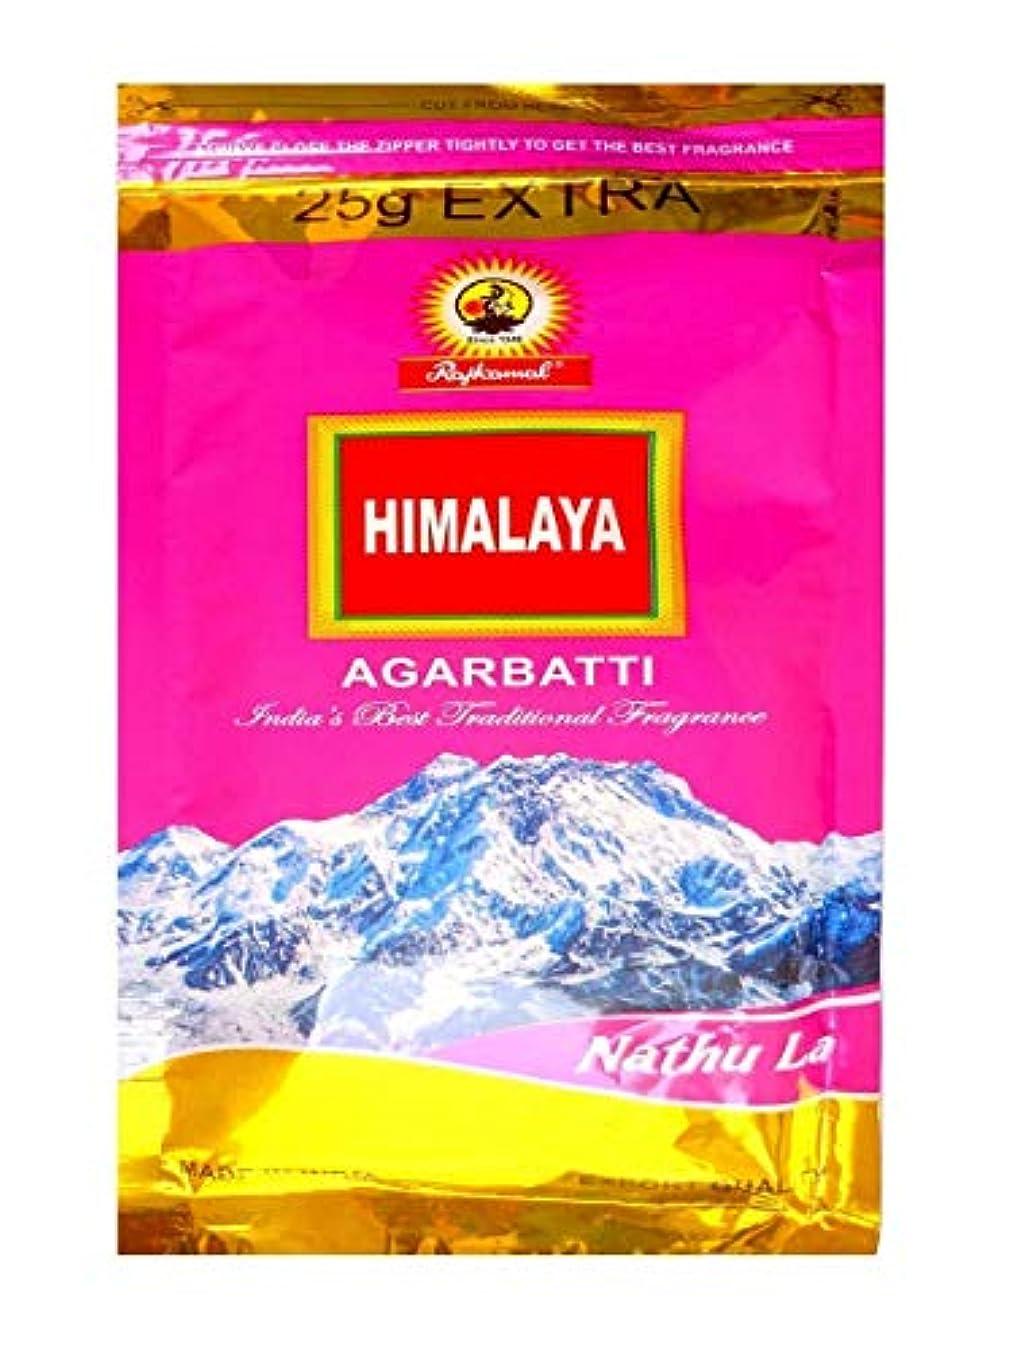 リーフレット噂統合Gift Of Forest Himalaya Nathu La Agarbatti Pack of 450 gm